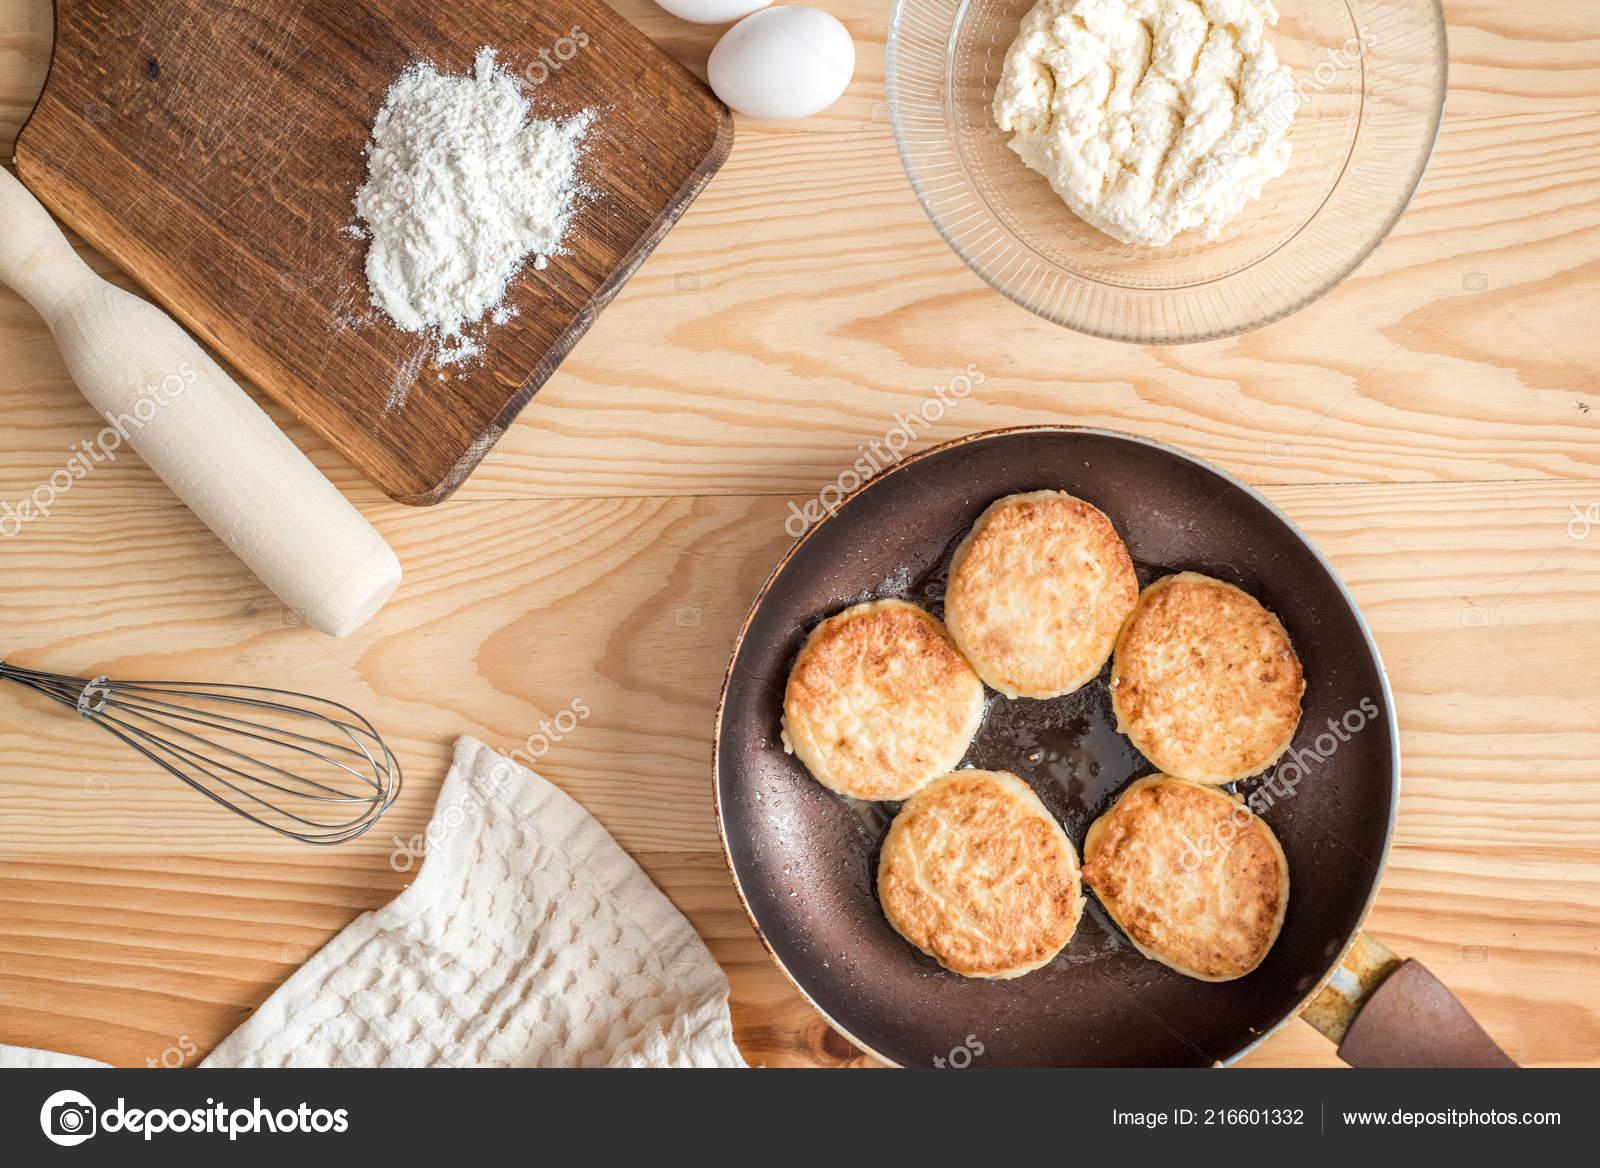 Ingredients Making Pancakes Egg Butter Milk Pancakes Wooden